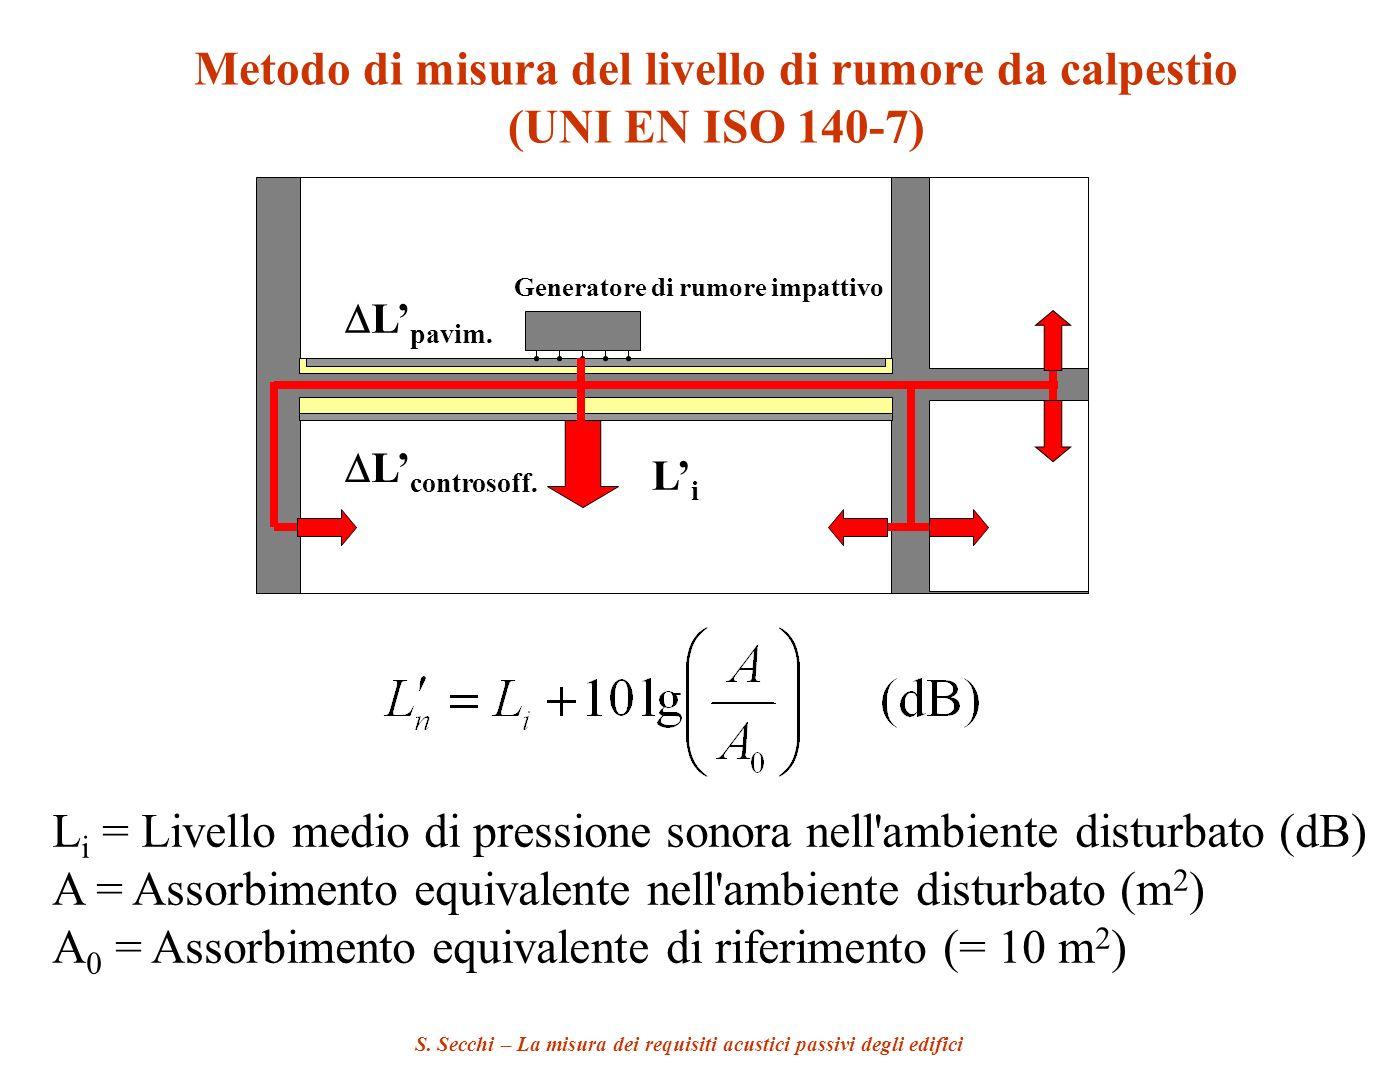 Metodo di misura del livello di rumore da calpestio